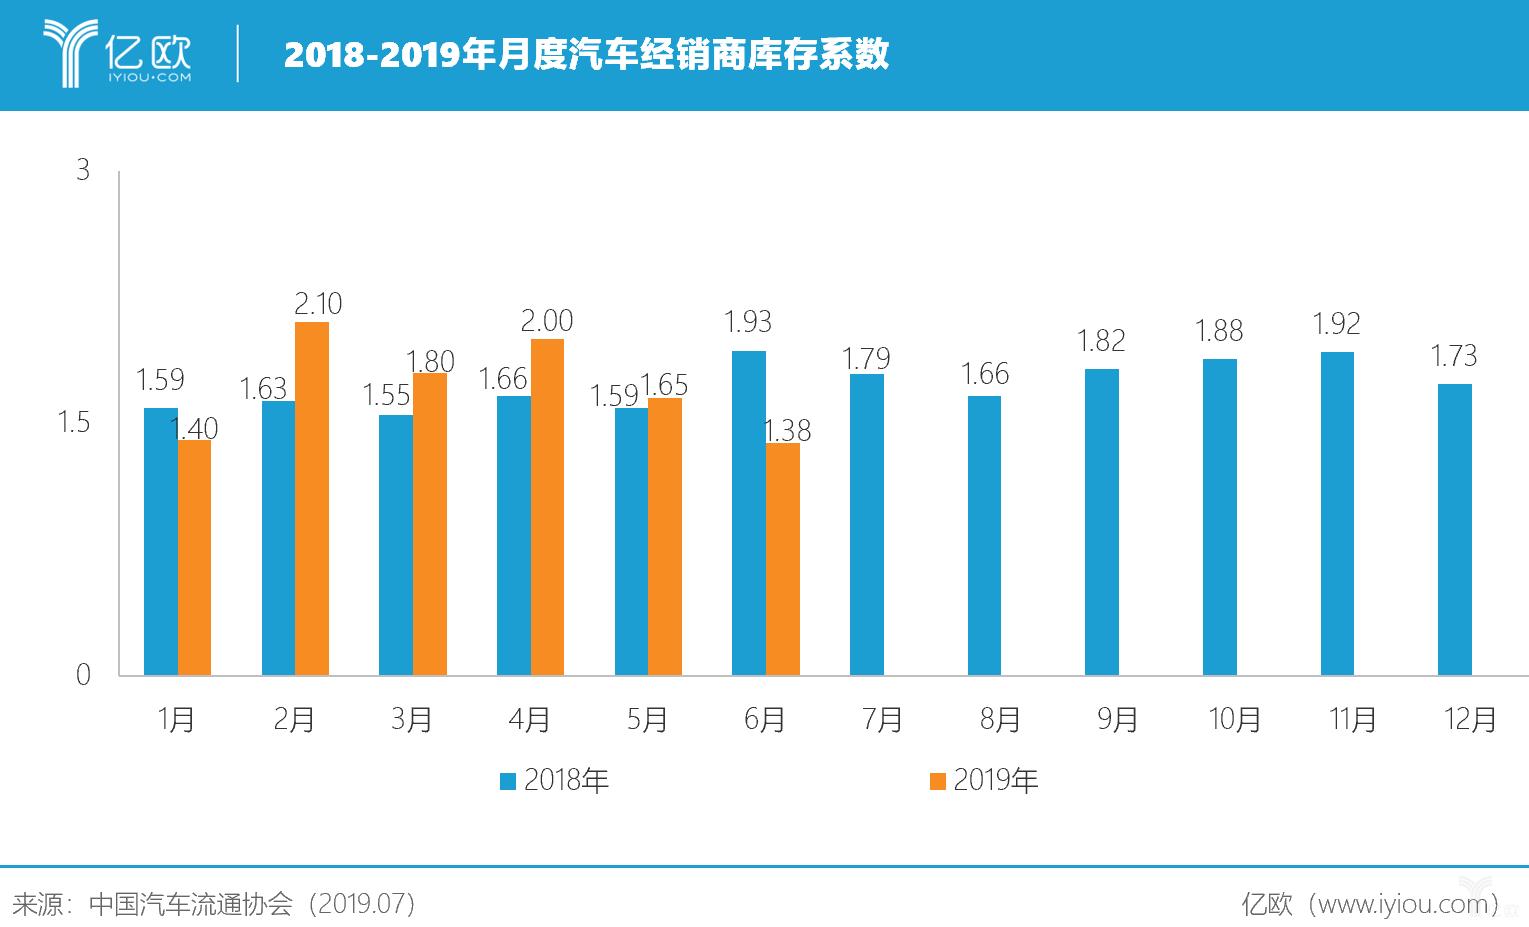 2018-2019年月度汽车经销商库存系数